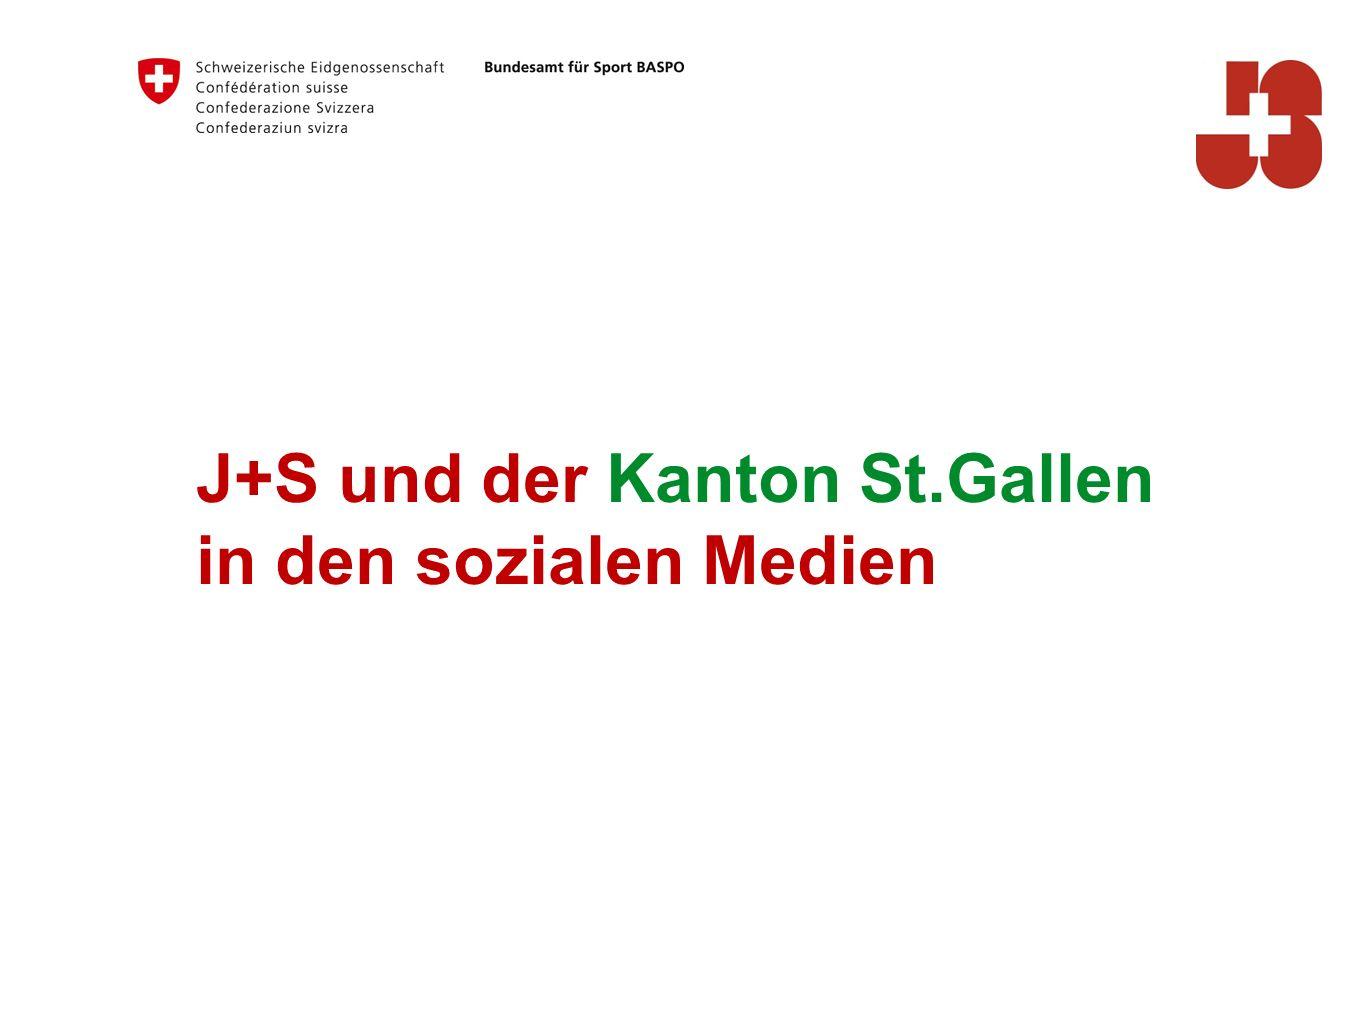 J+S und der Kanton St.Gallen in den sozialen Medien